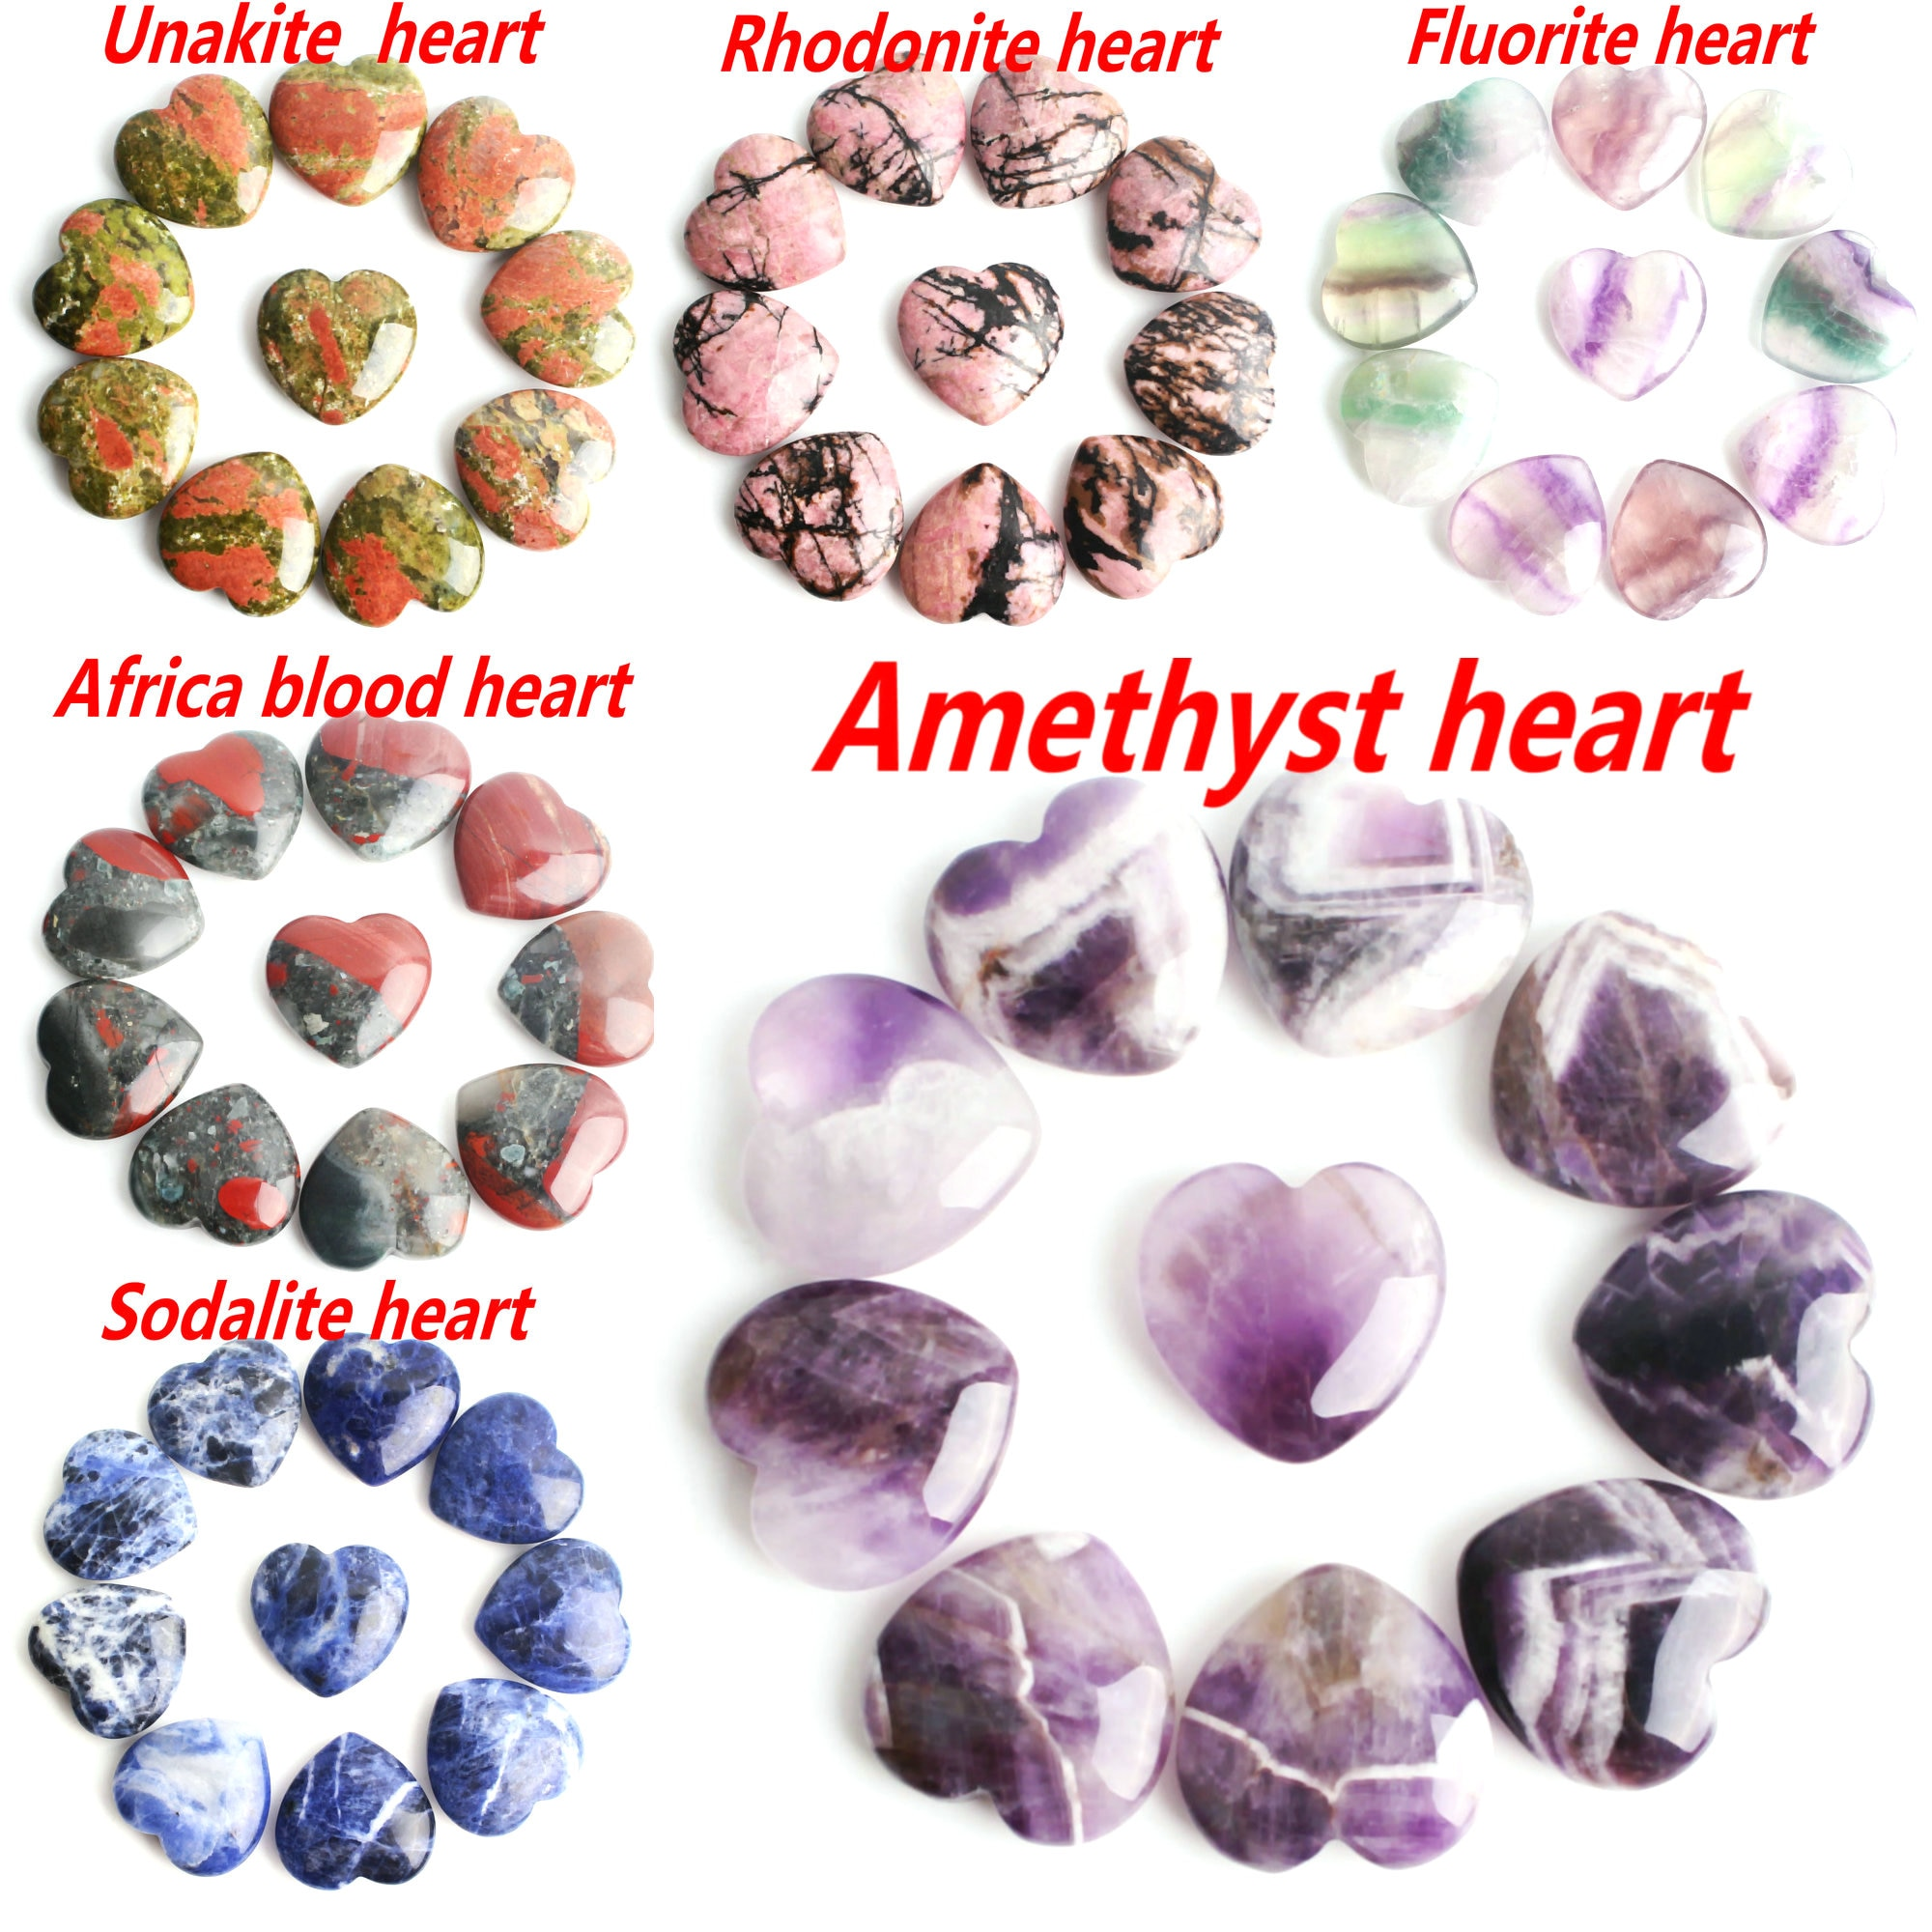 10 Uds. Colgante de cristal Natural con forma de corazón Tigre piedra de ojo cuarzo rosa fluorita amatista fluorita collar de piedras preciosas curación Reiki